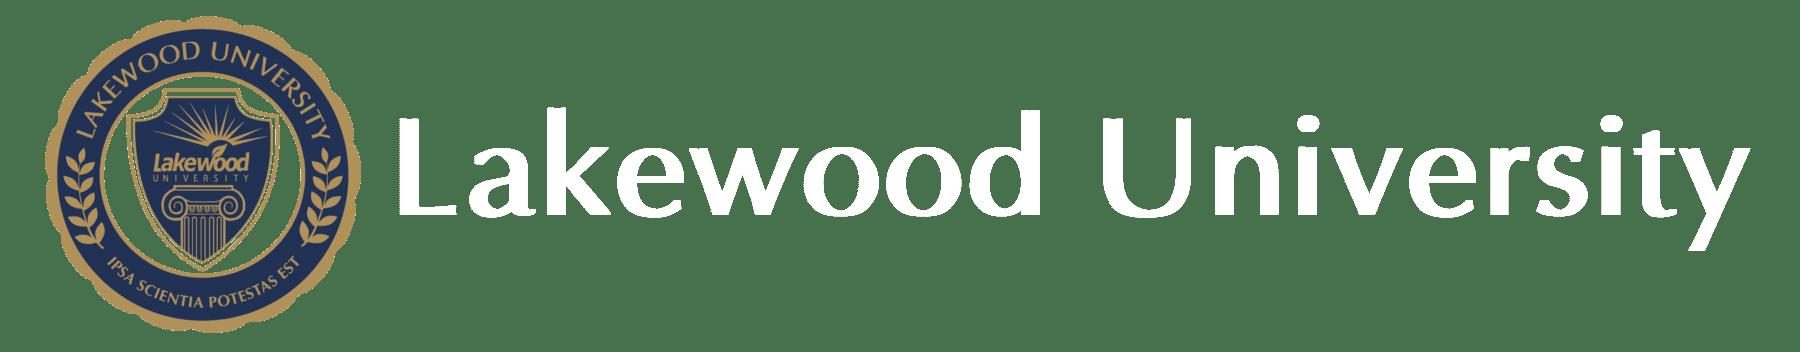 LAKEWOOD-ftr-logo